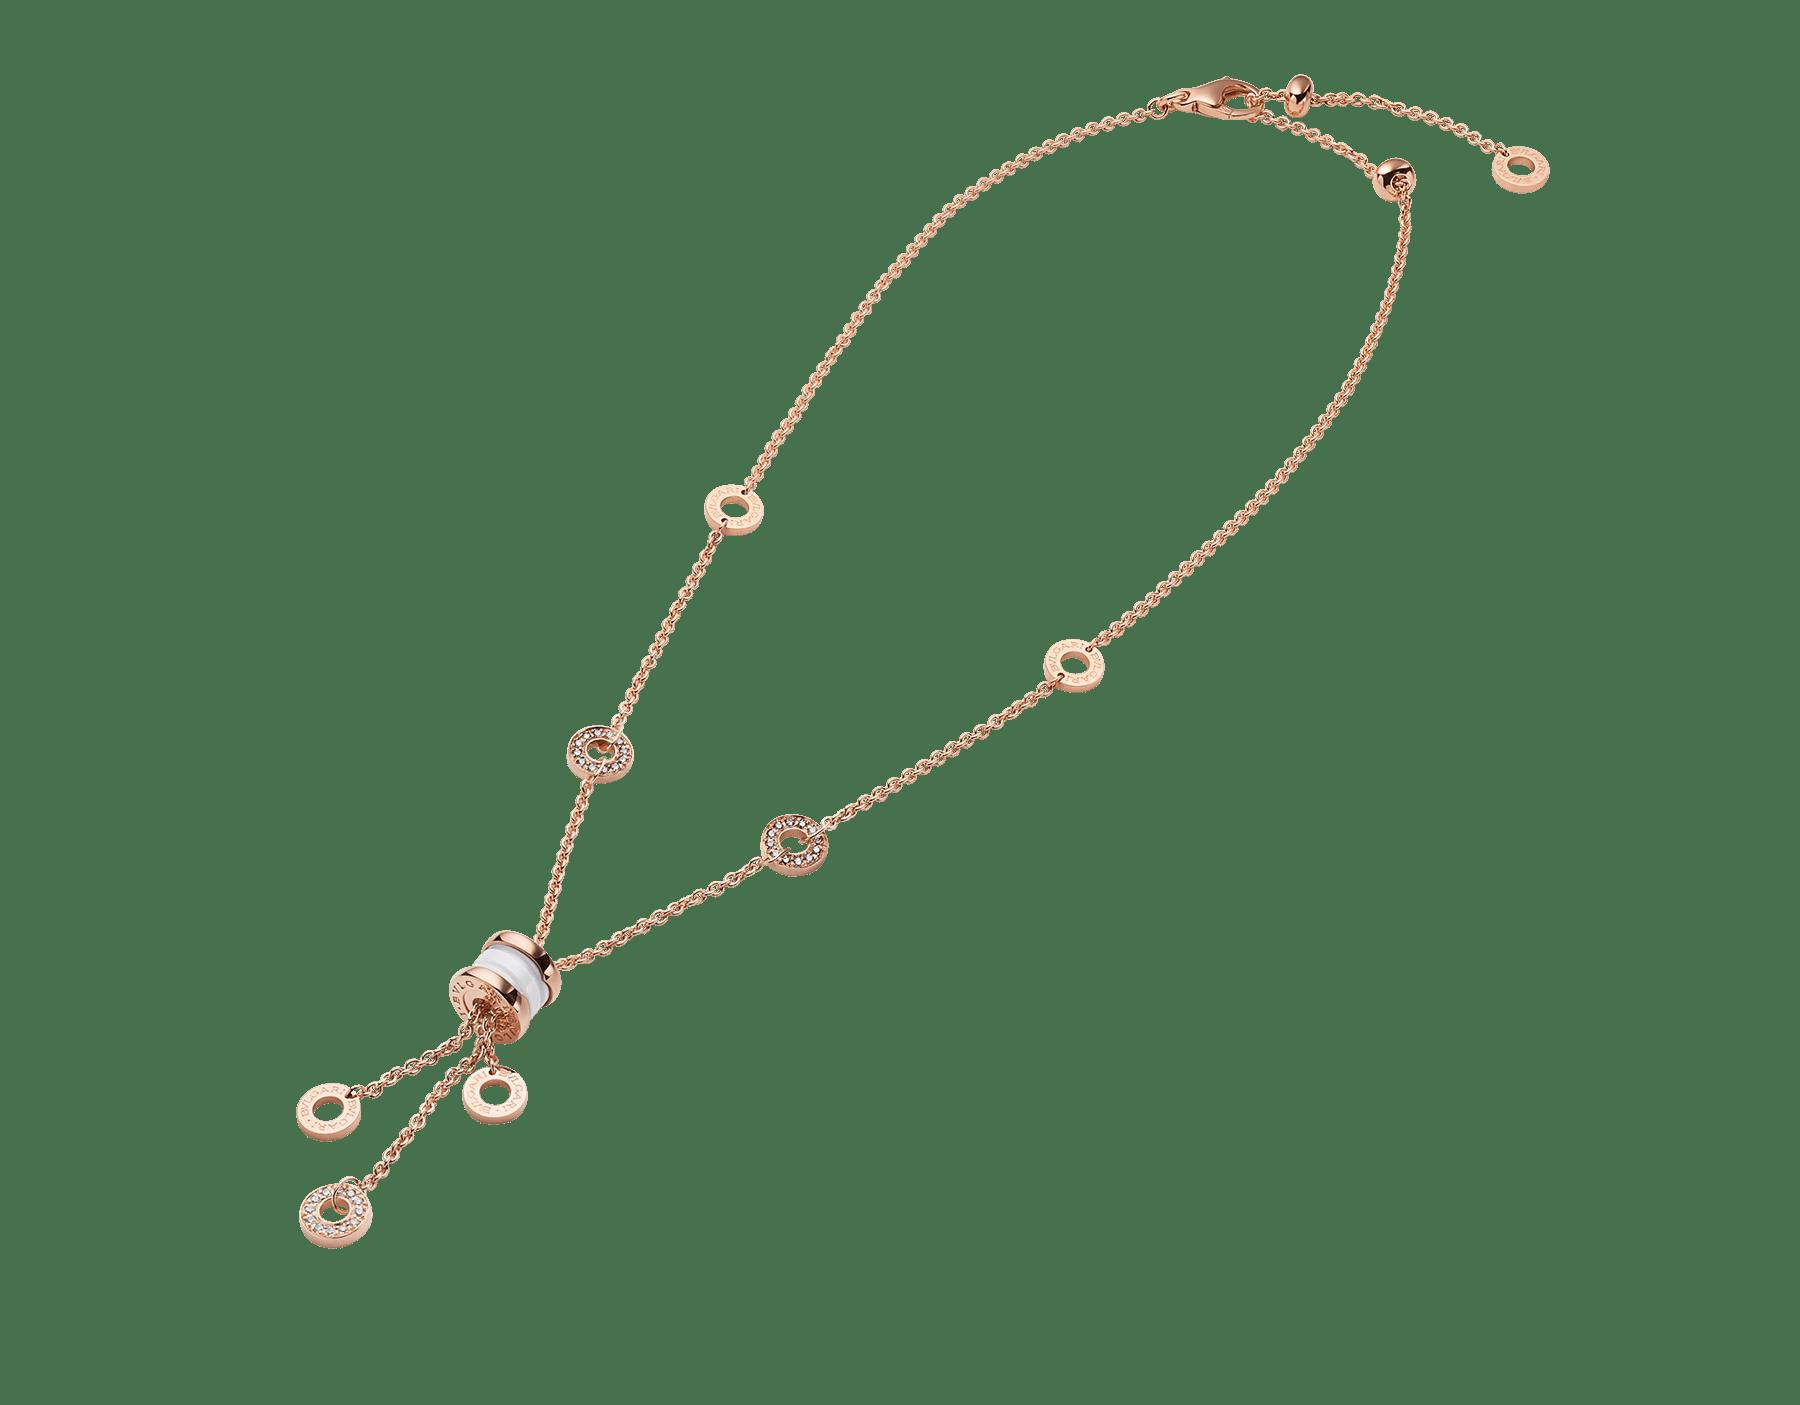 Colar B.zero1 com corrente em ouro rosa 18K cravejada com pavê de diamantes, pingente em ouro rosa 18K e cerâmica branca. 347577 image 2